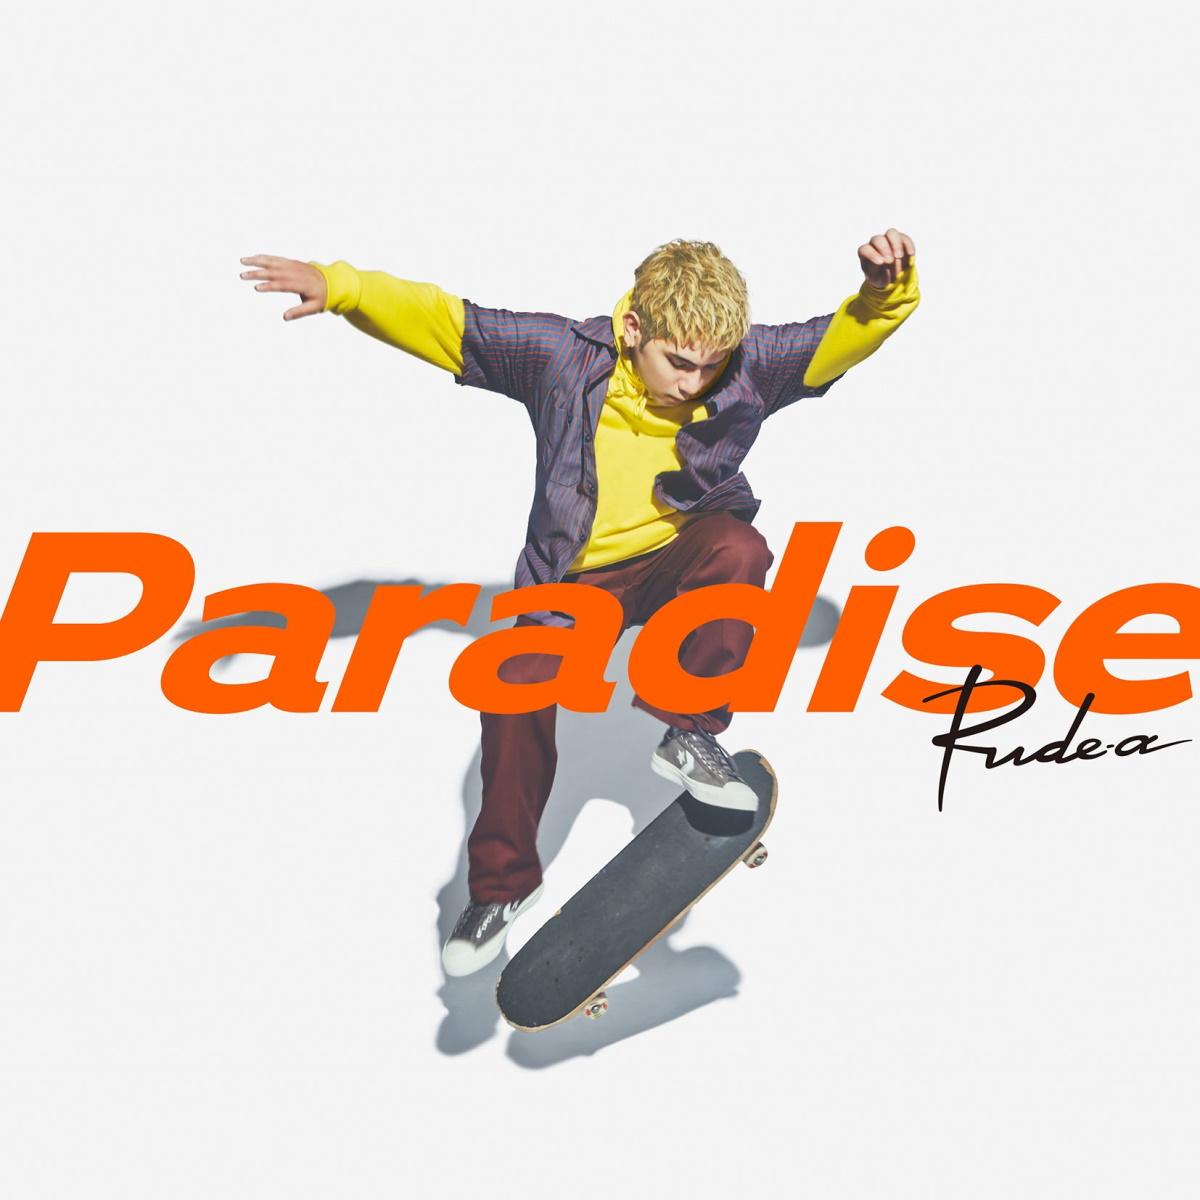 『Rude-α - Paradise』収録の『Paradise』ジャケット